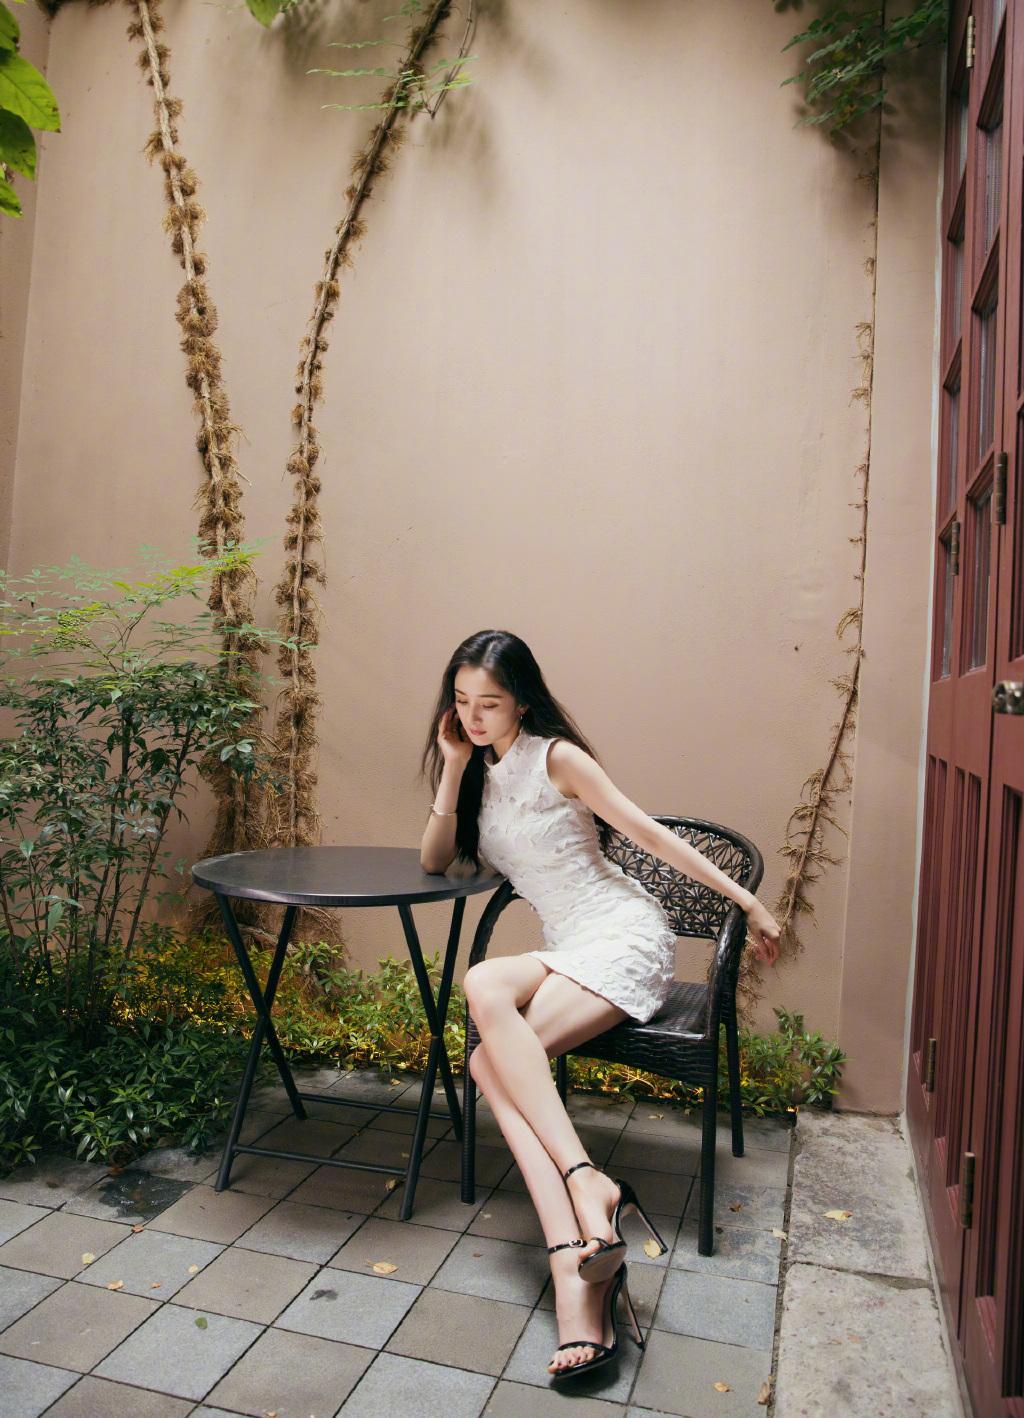 杨幂全新写真大秀小鸟腿 穿白裙长发飘逸美丽依旧